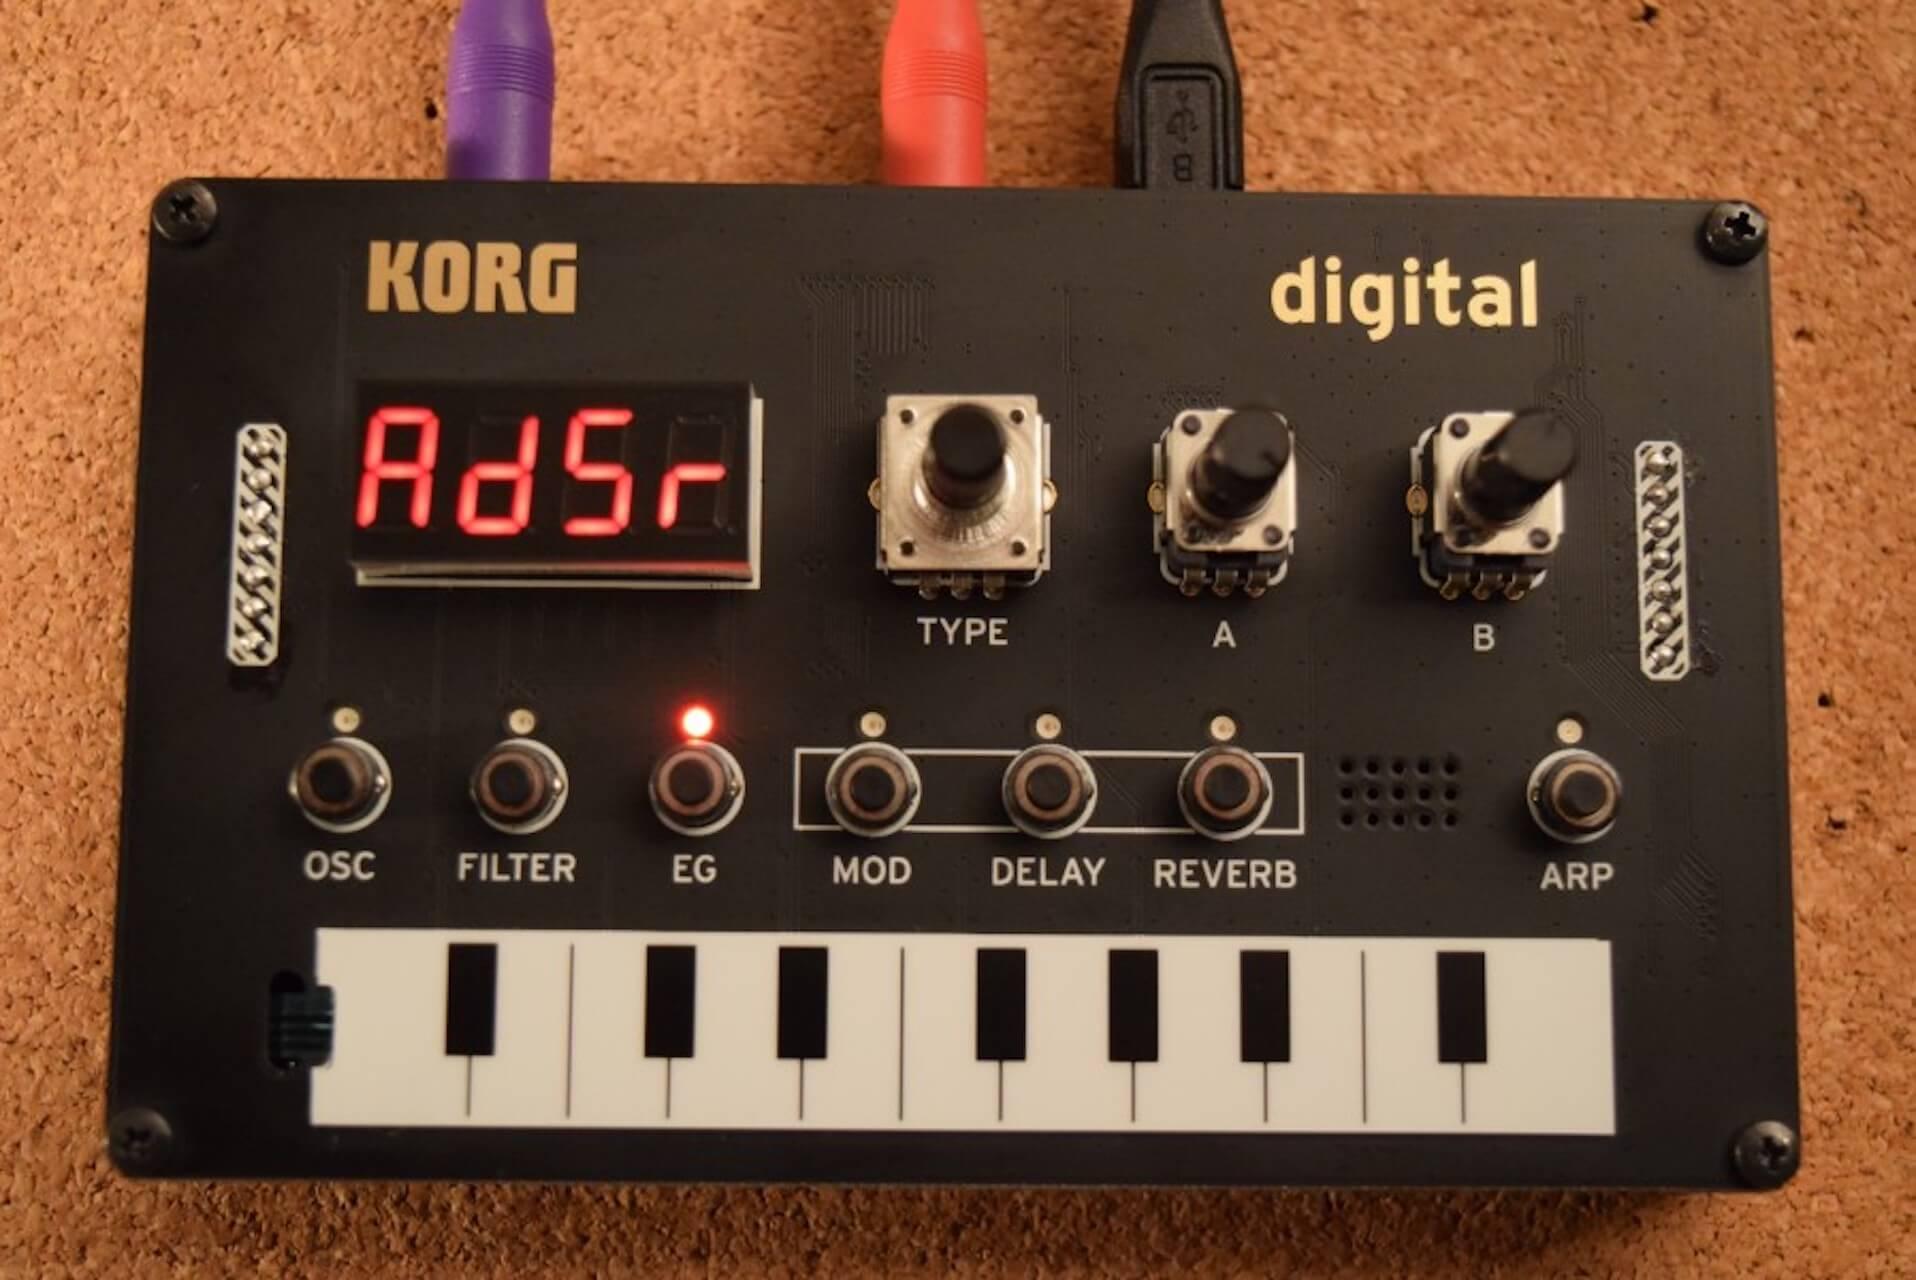 組み立て式DIYシンセ・キット、コルグ『Nu:Tekt NTS-1 Digital Kit』のサウンドと魅力 music200522_05